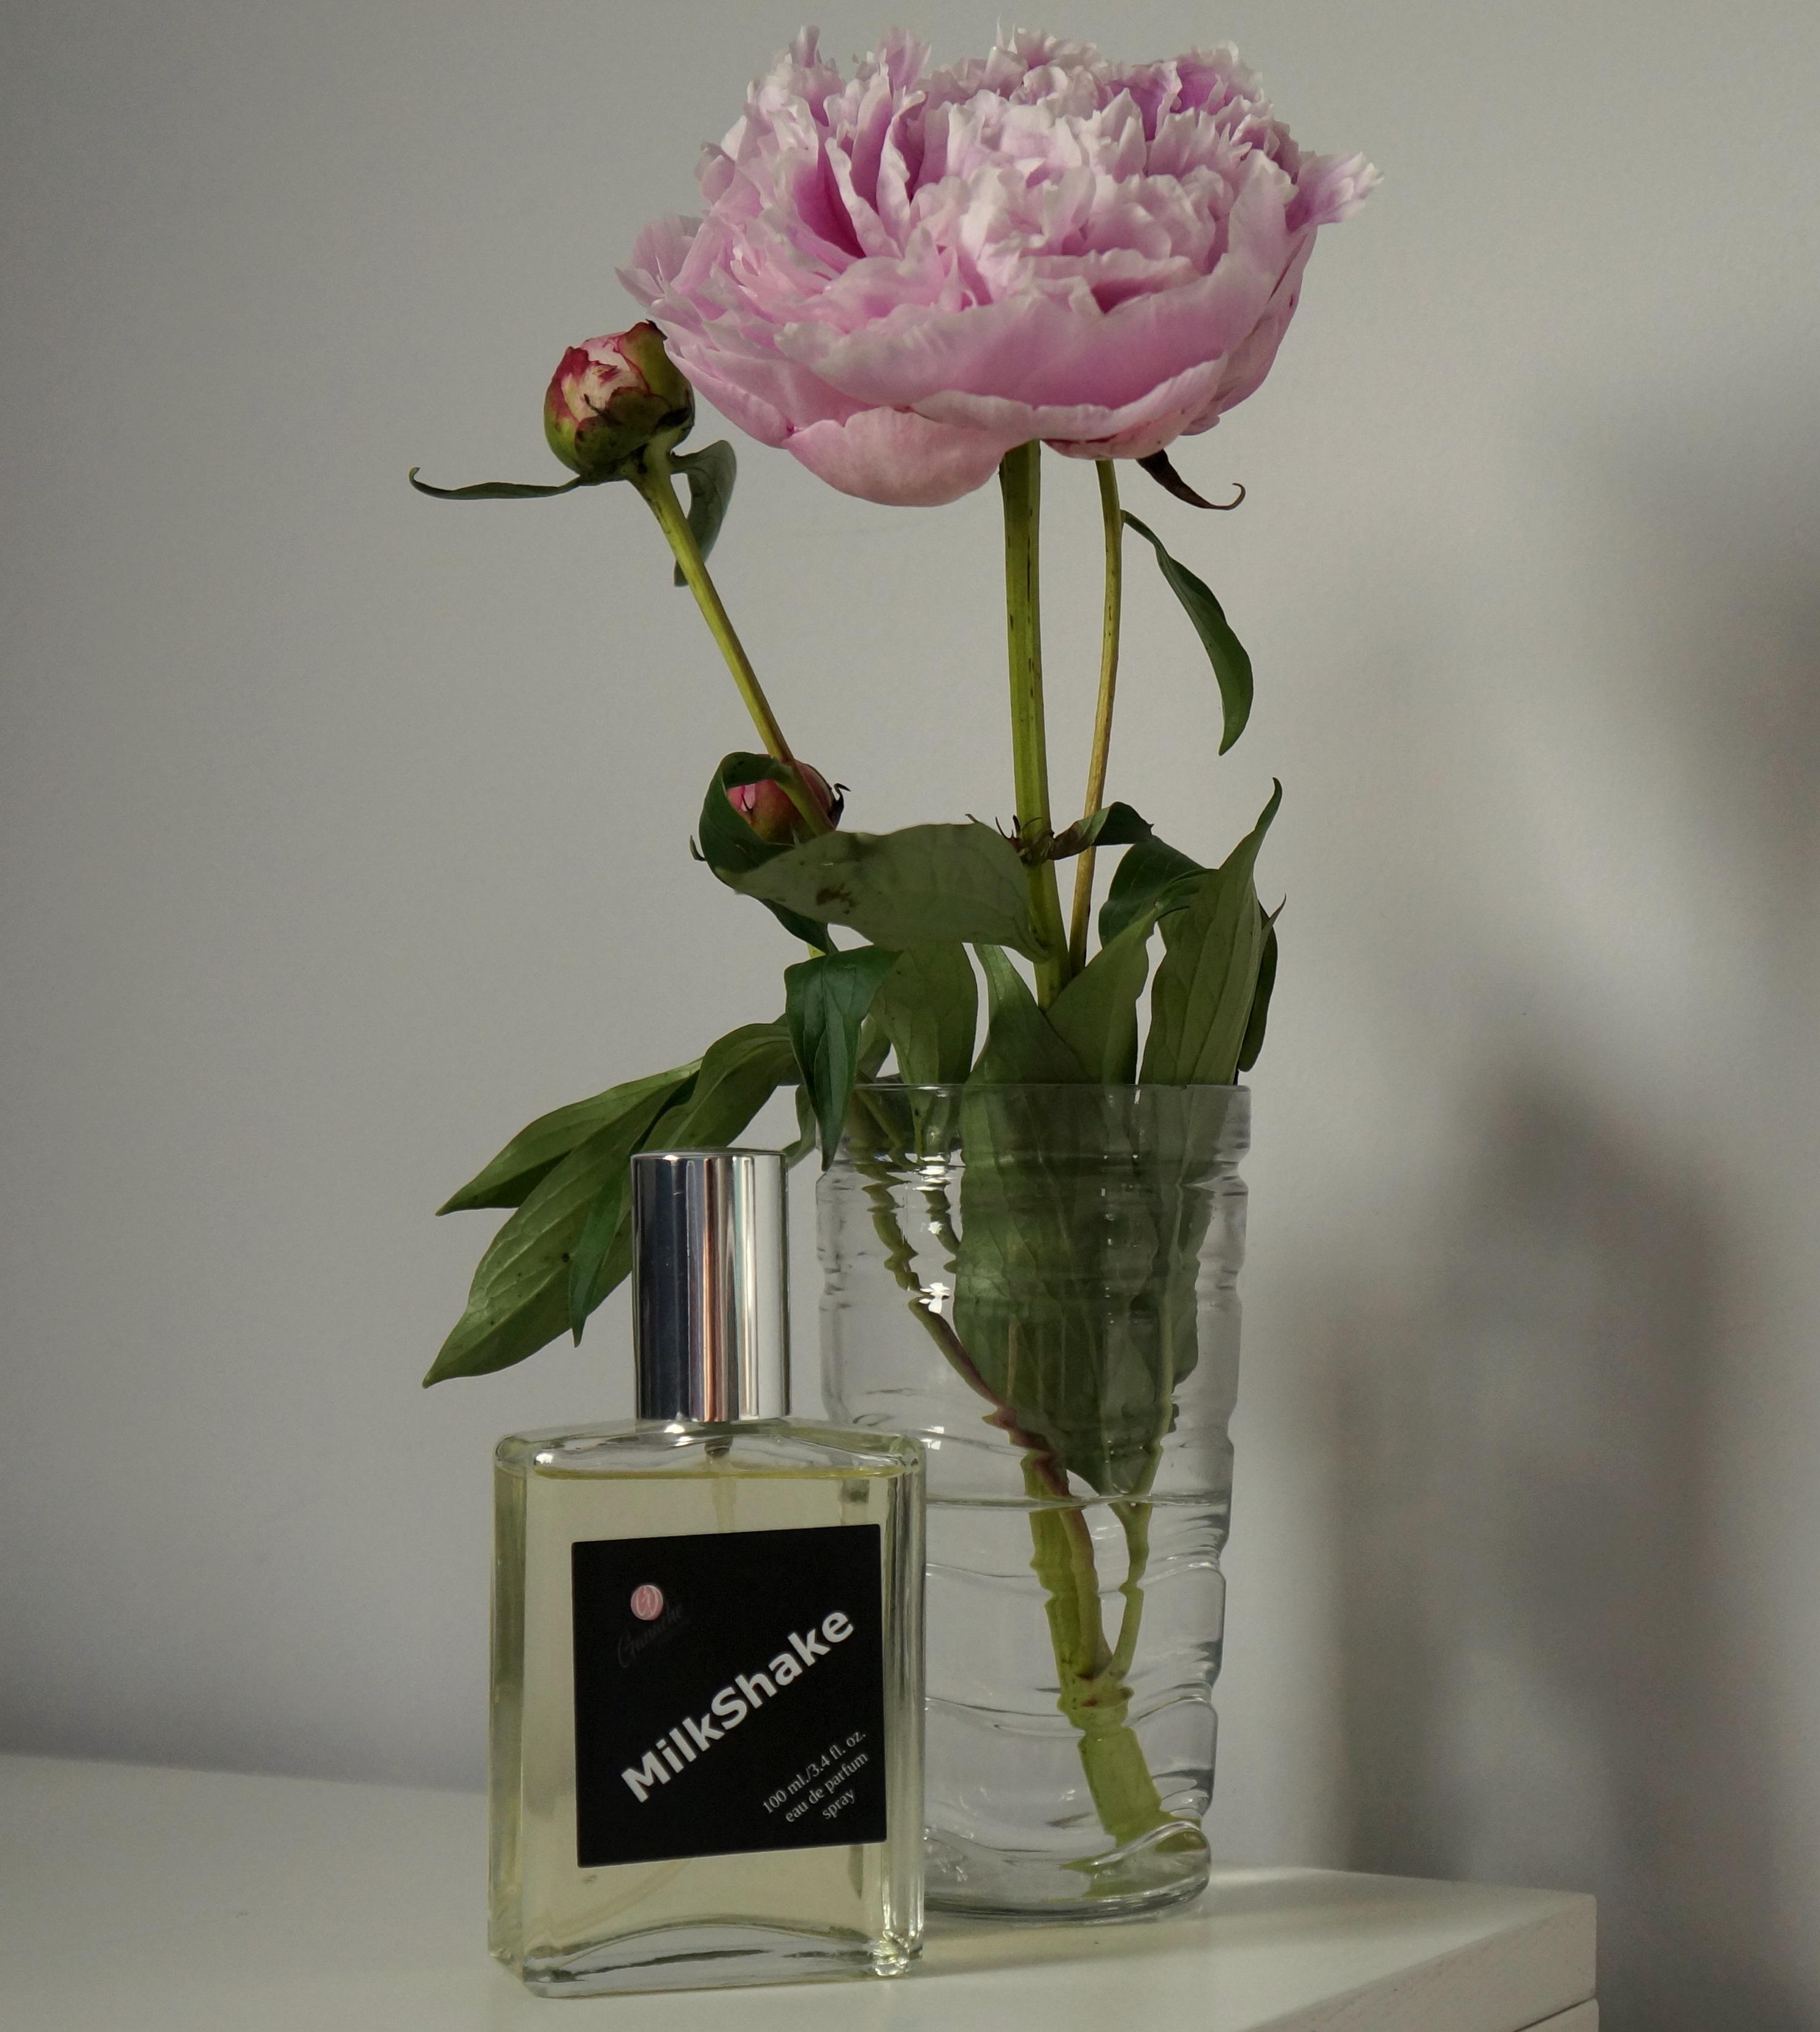 Ganache-Milkshake-blog-o-perfumach